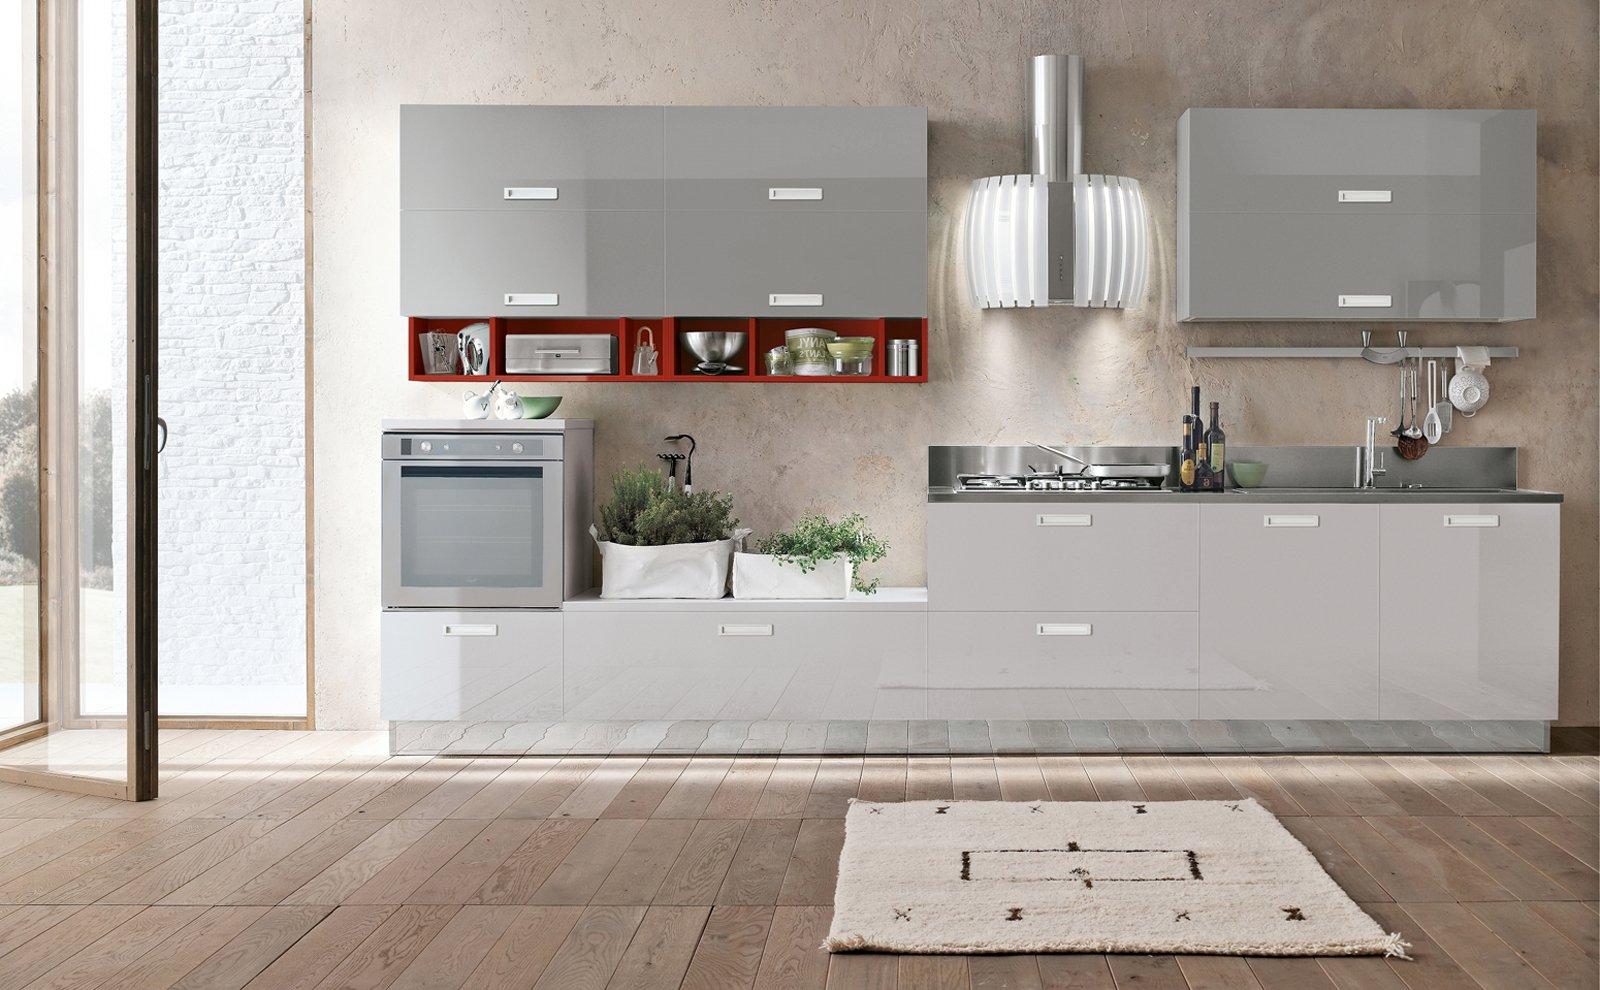 Cucine secondo progetto pi preventivo cose di casa - Disegni di cucine ...